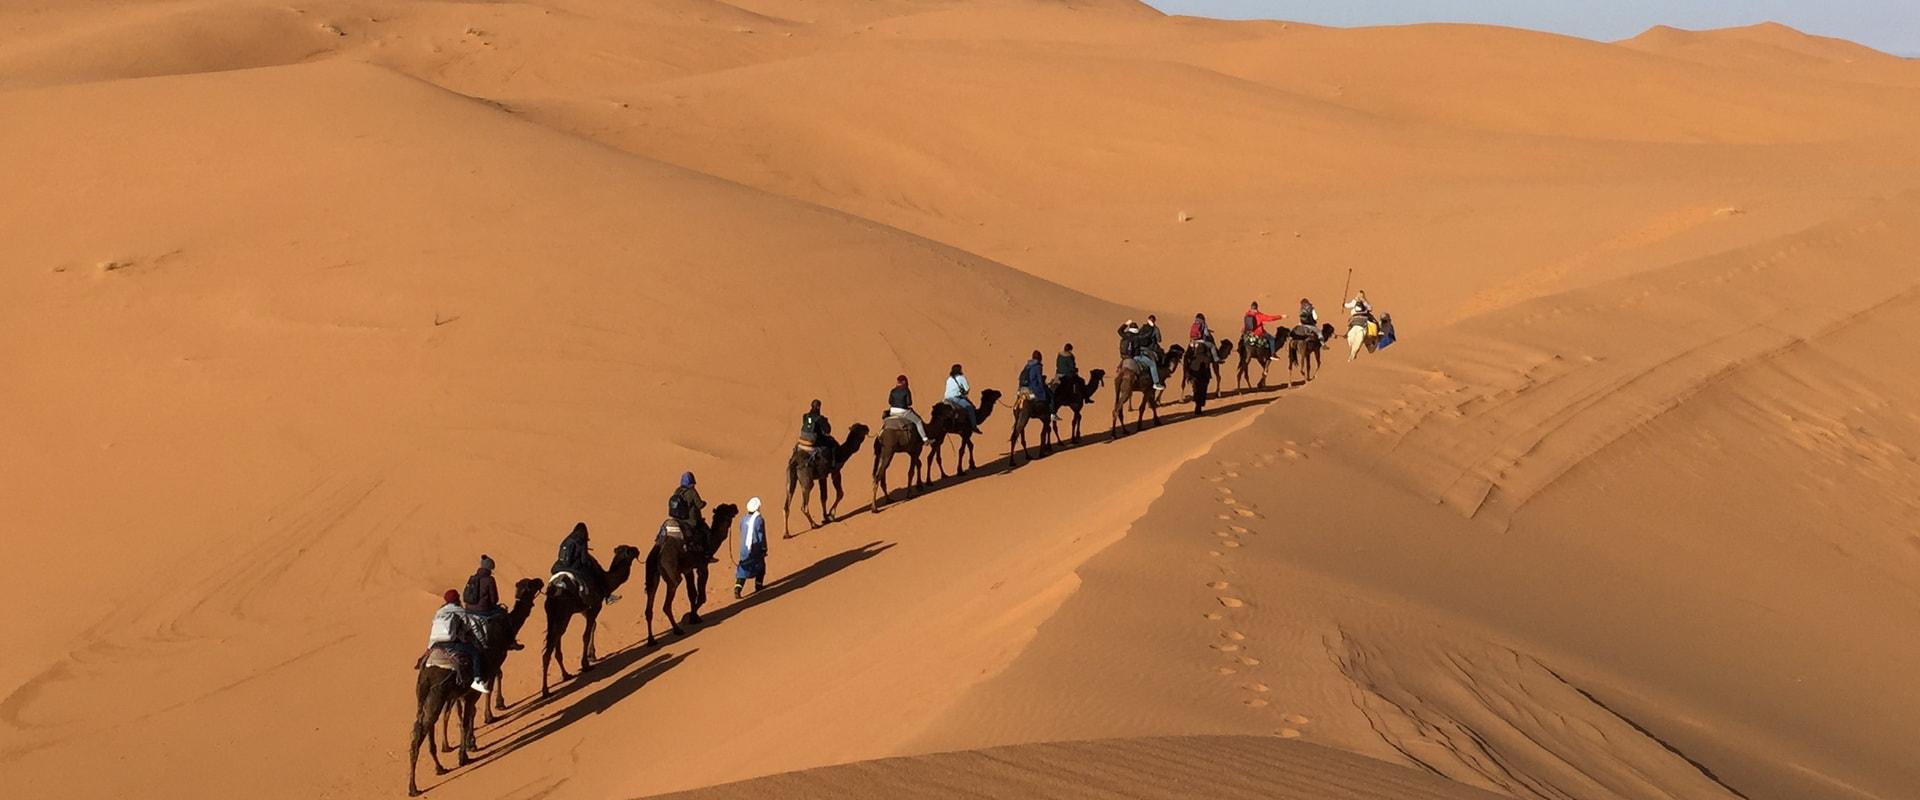 Voyages Expeditions Maroc - reveillon du nouvel an dans le desert